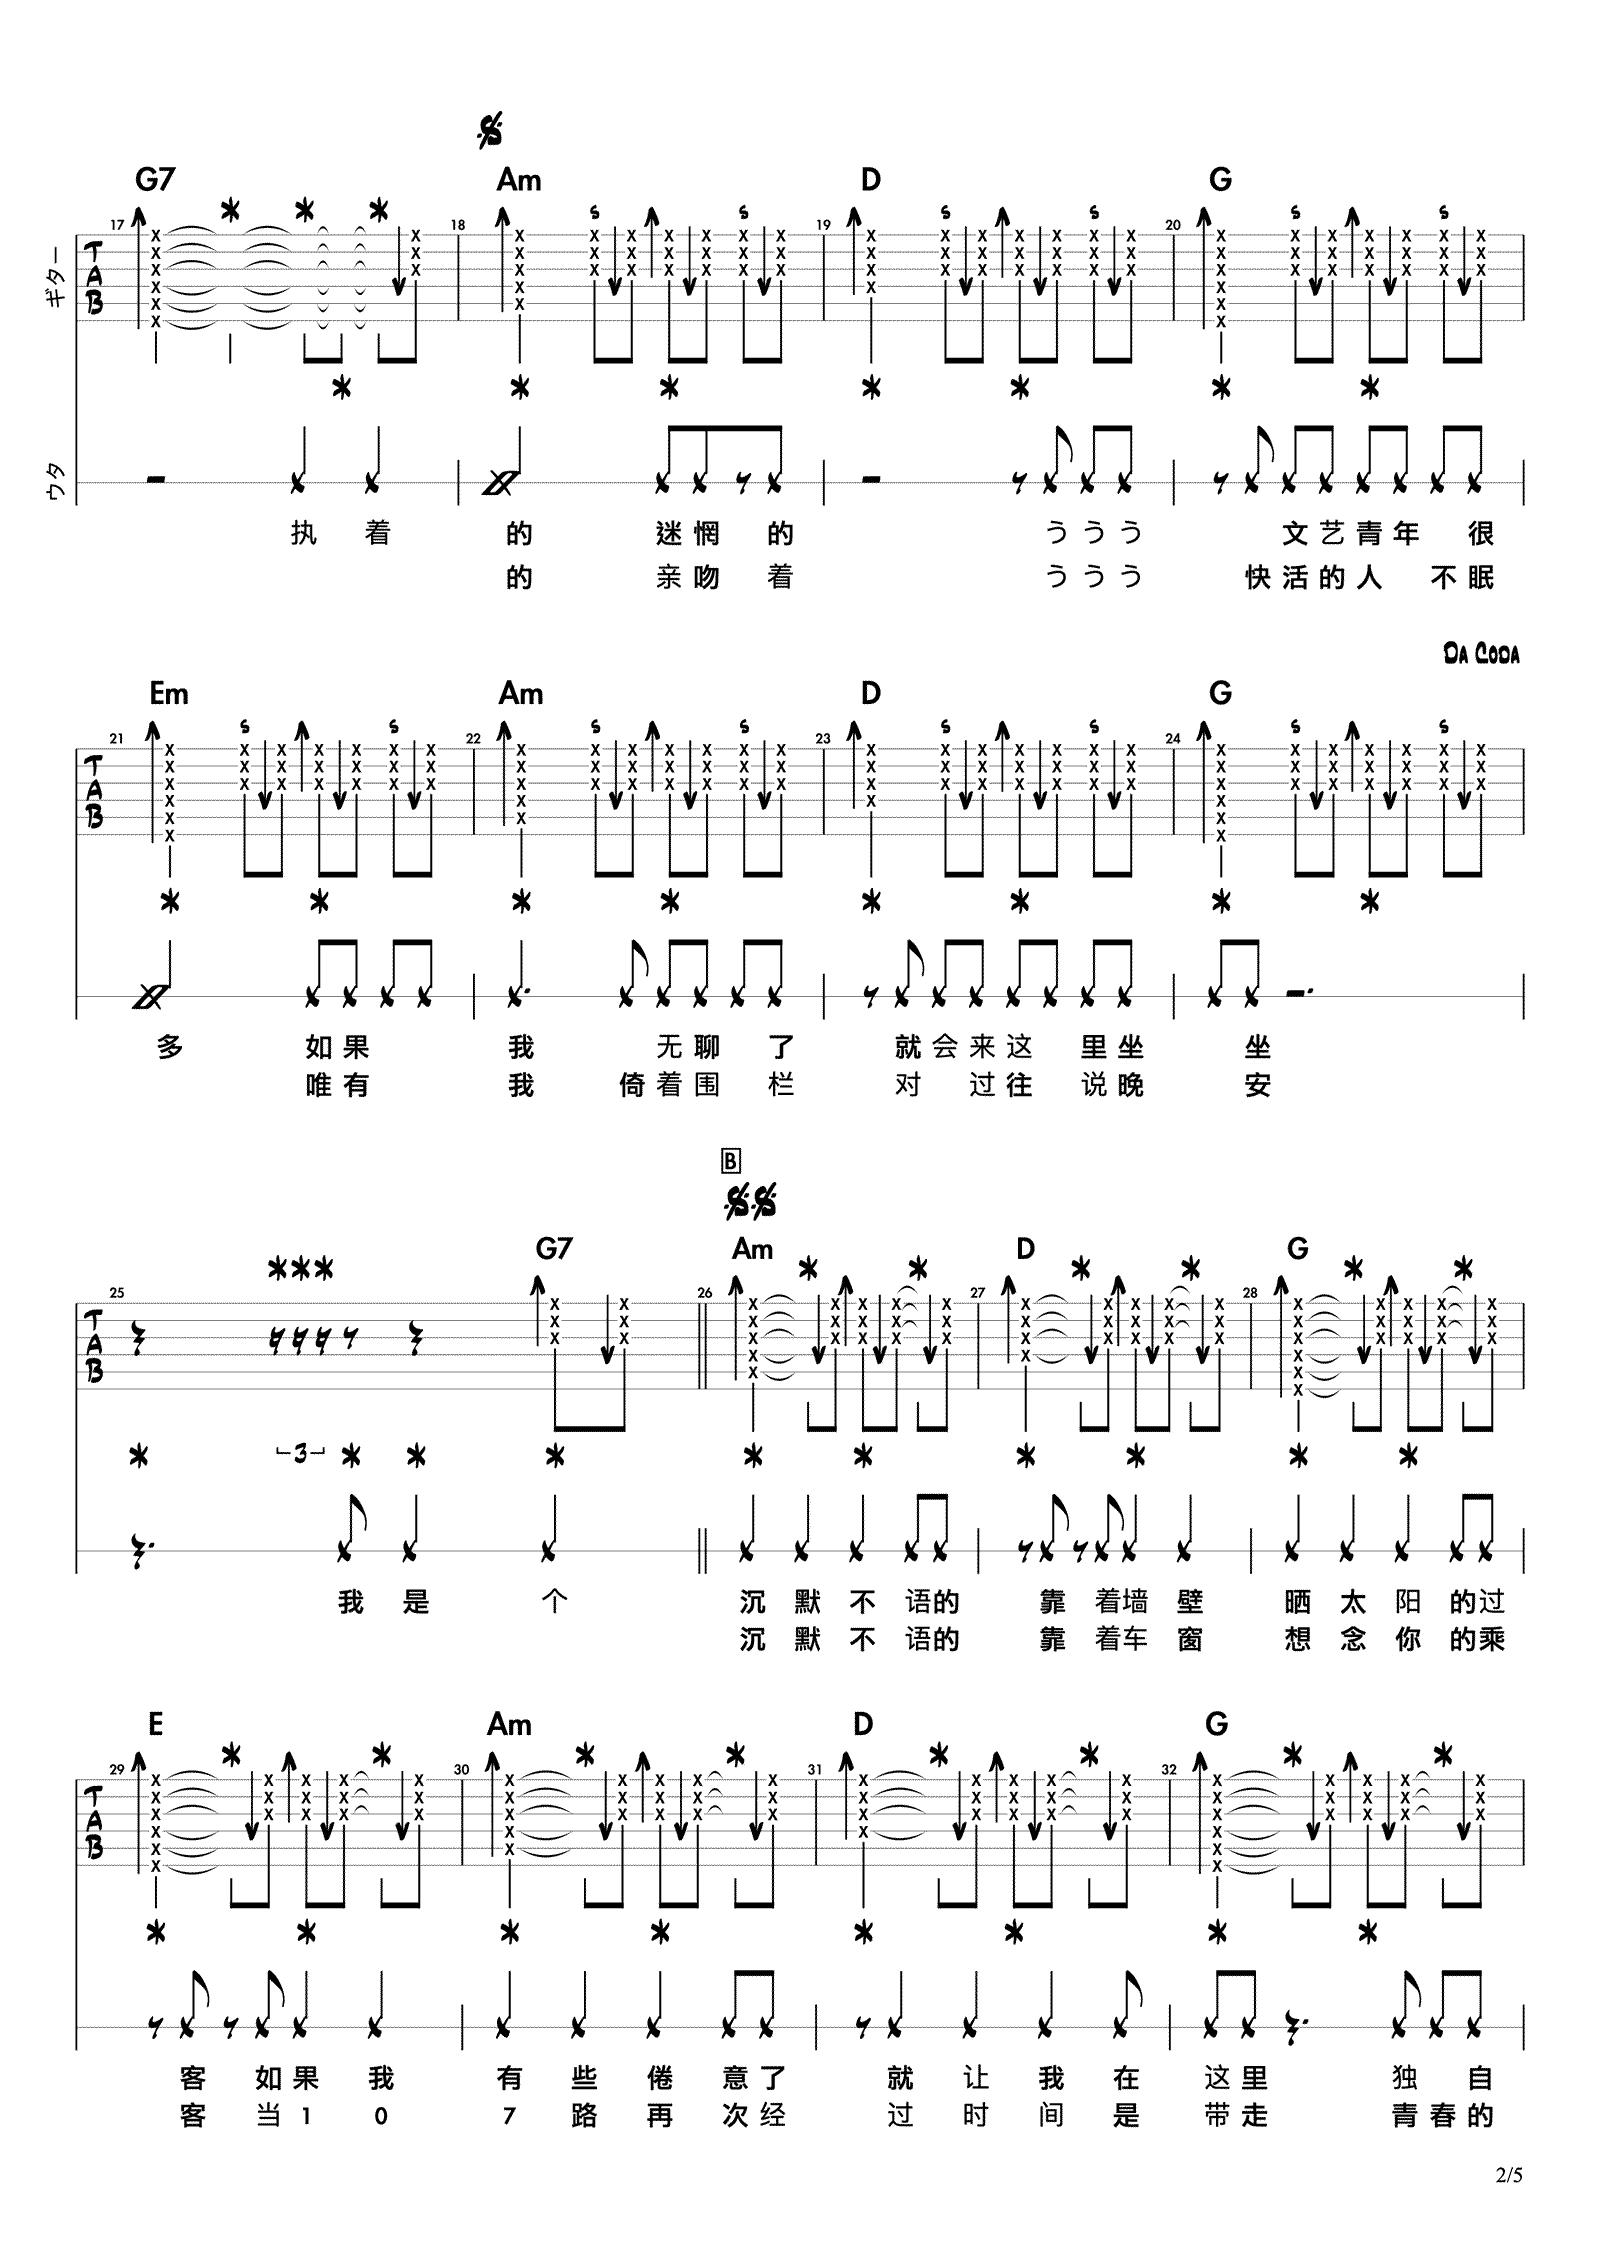 鼓楼吉他谱_赵雷-2